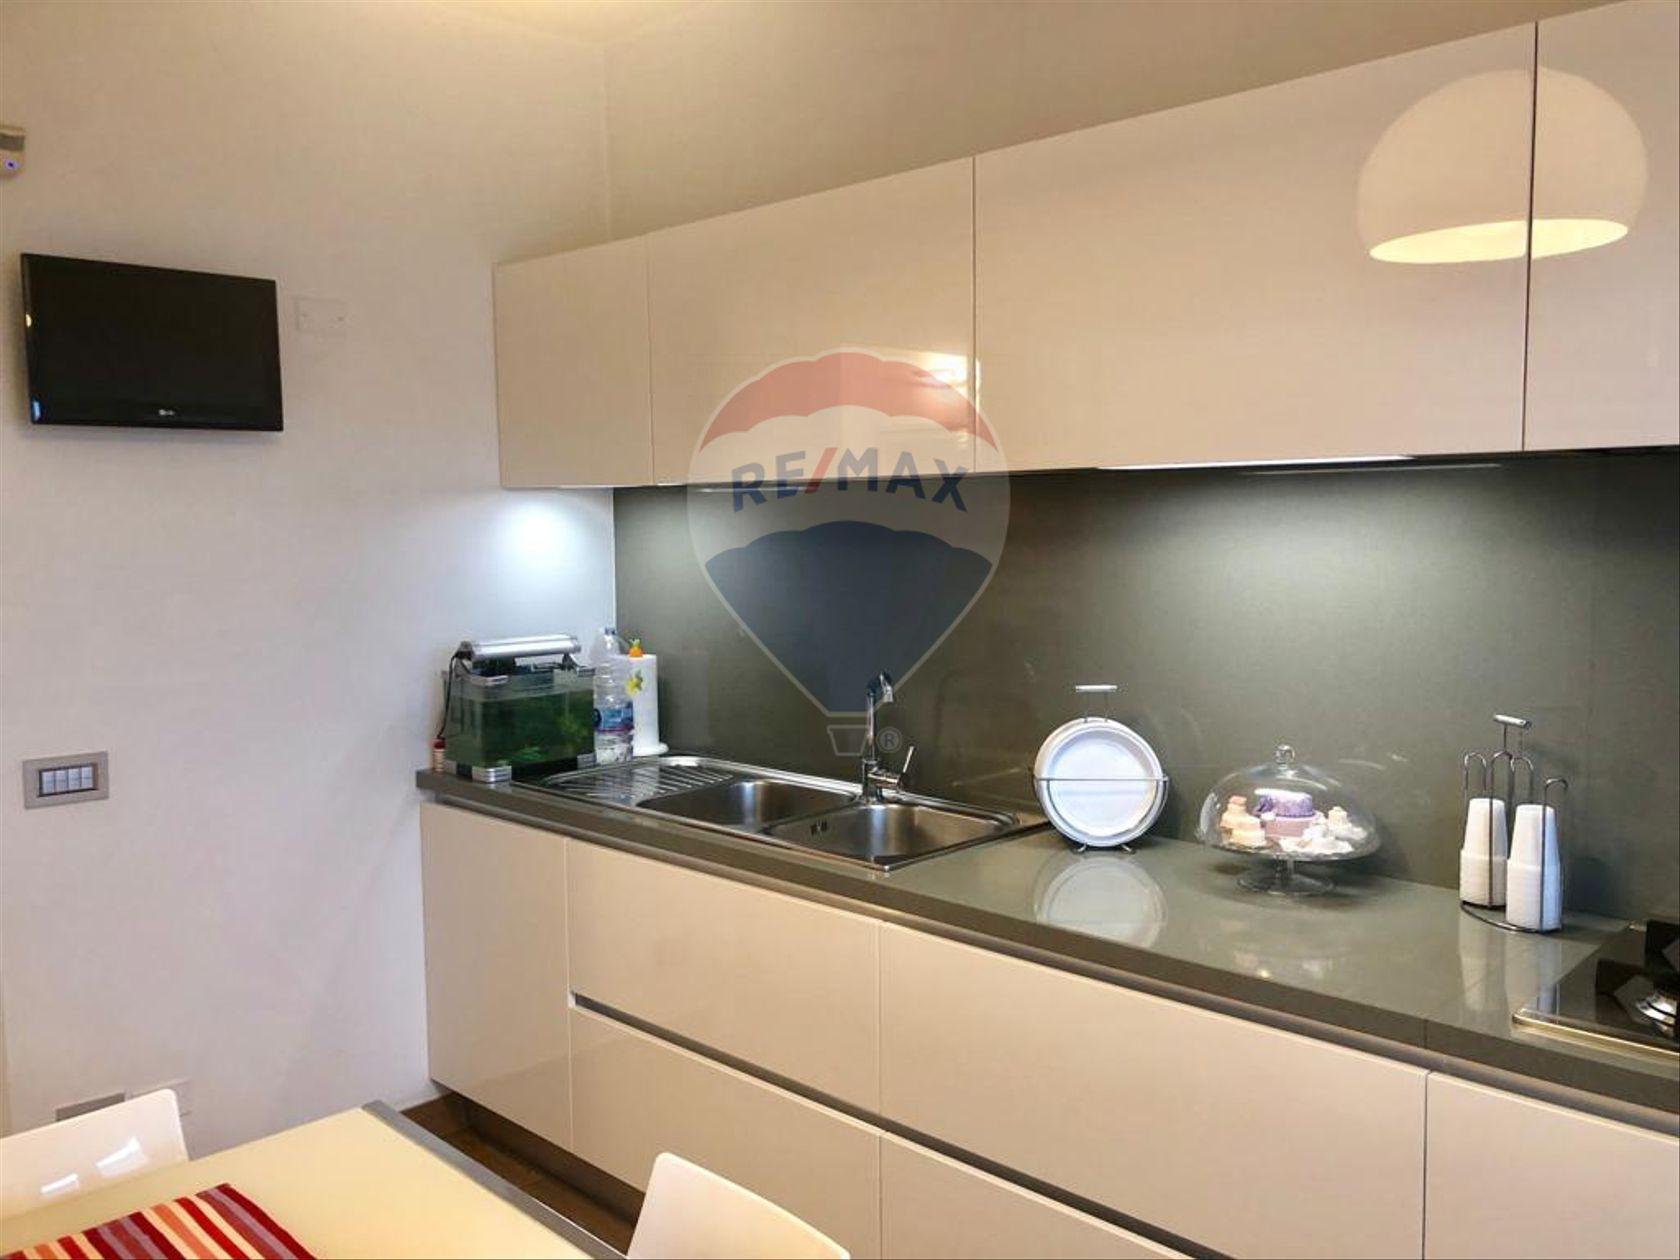 Appartamento Zona stazione, Aversa, CE Vendita - Foto 6